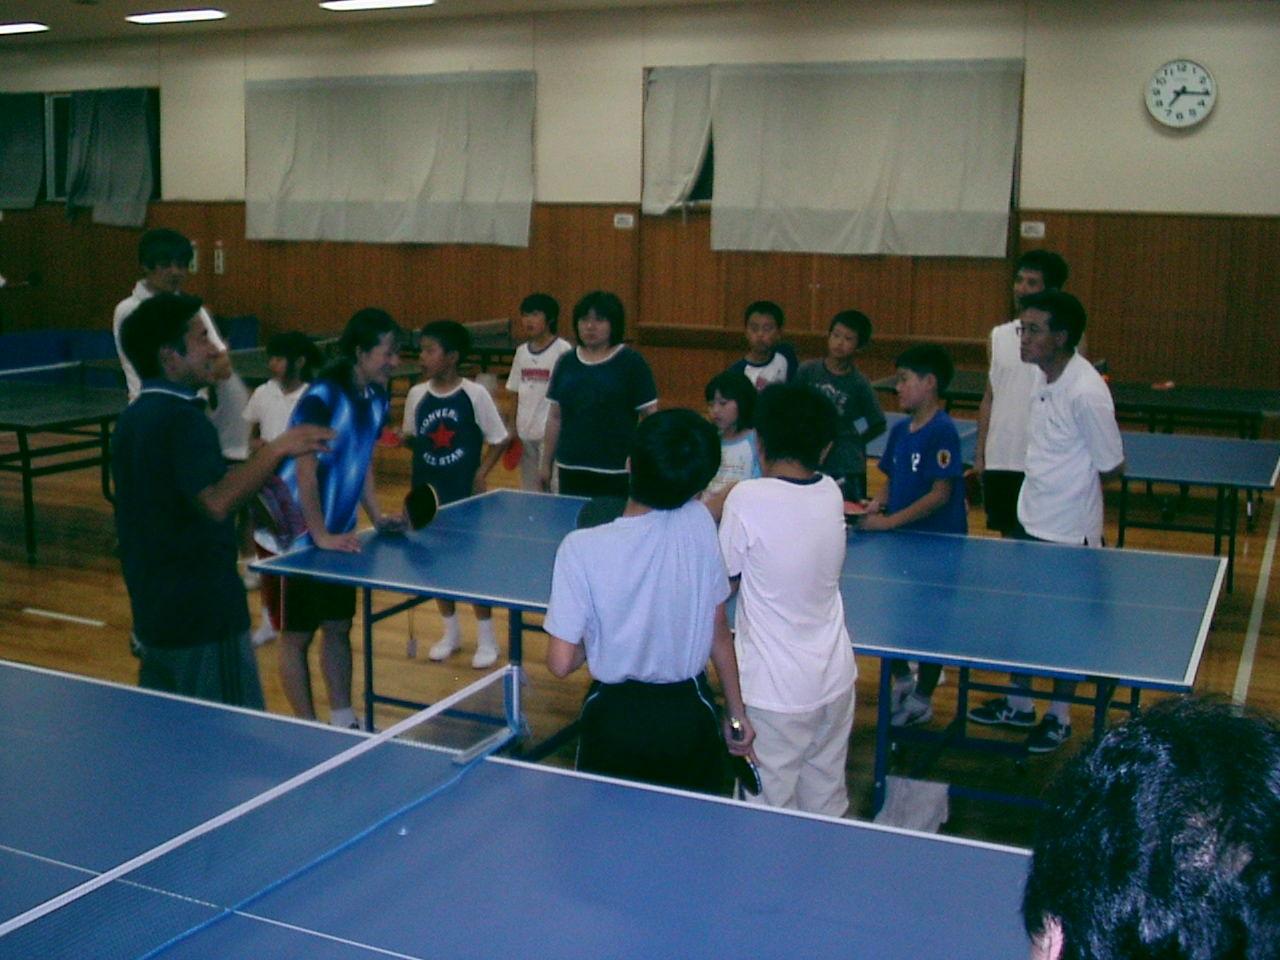 土曜日の卓球教室の画像